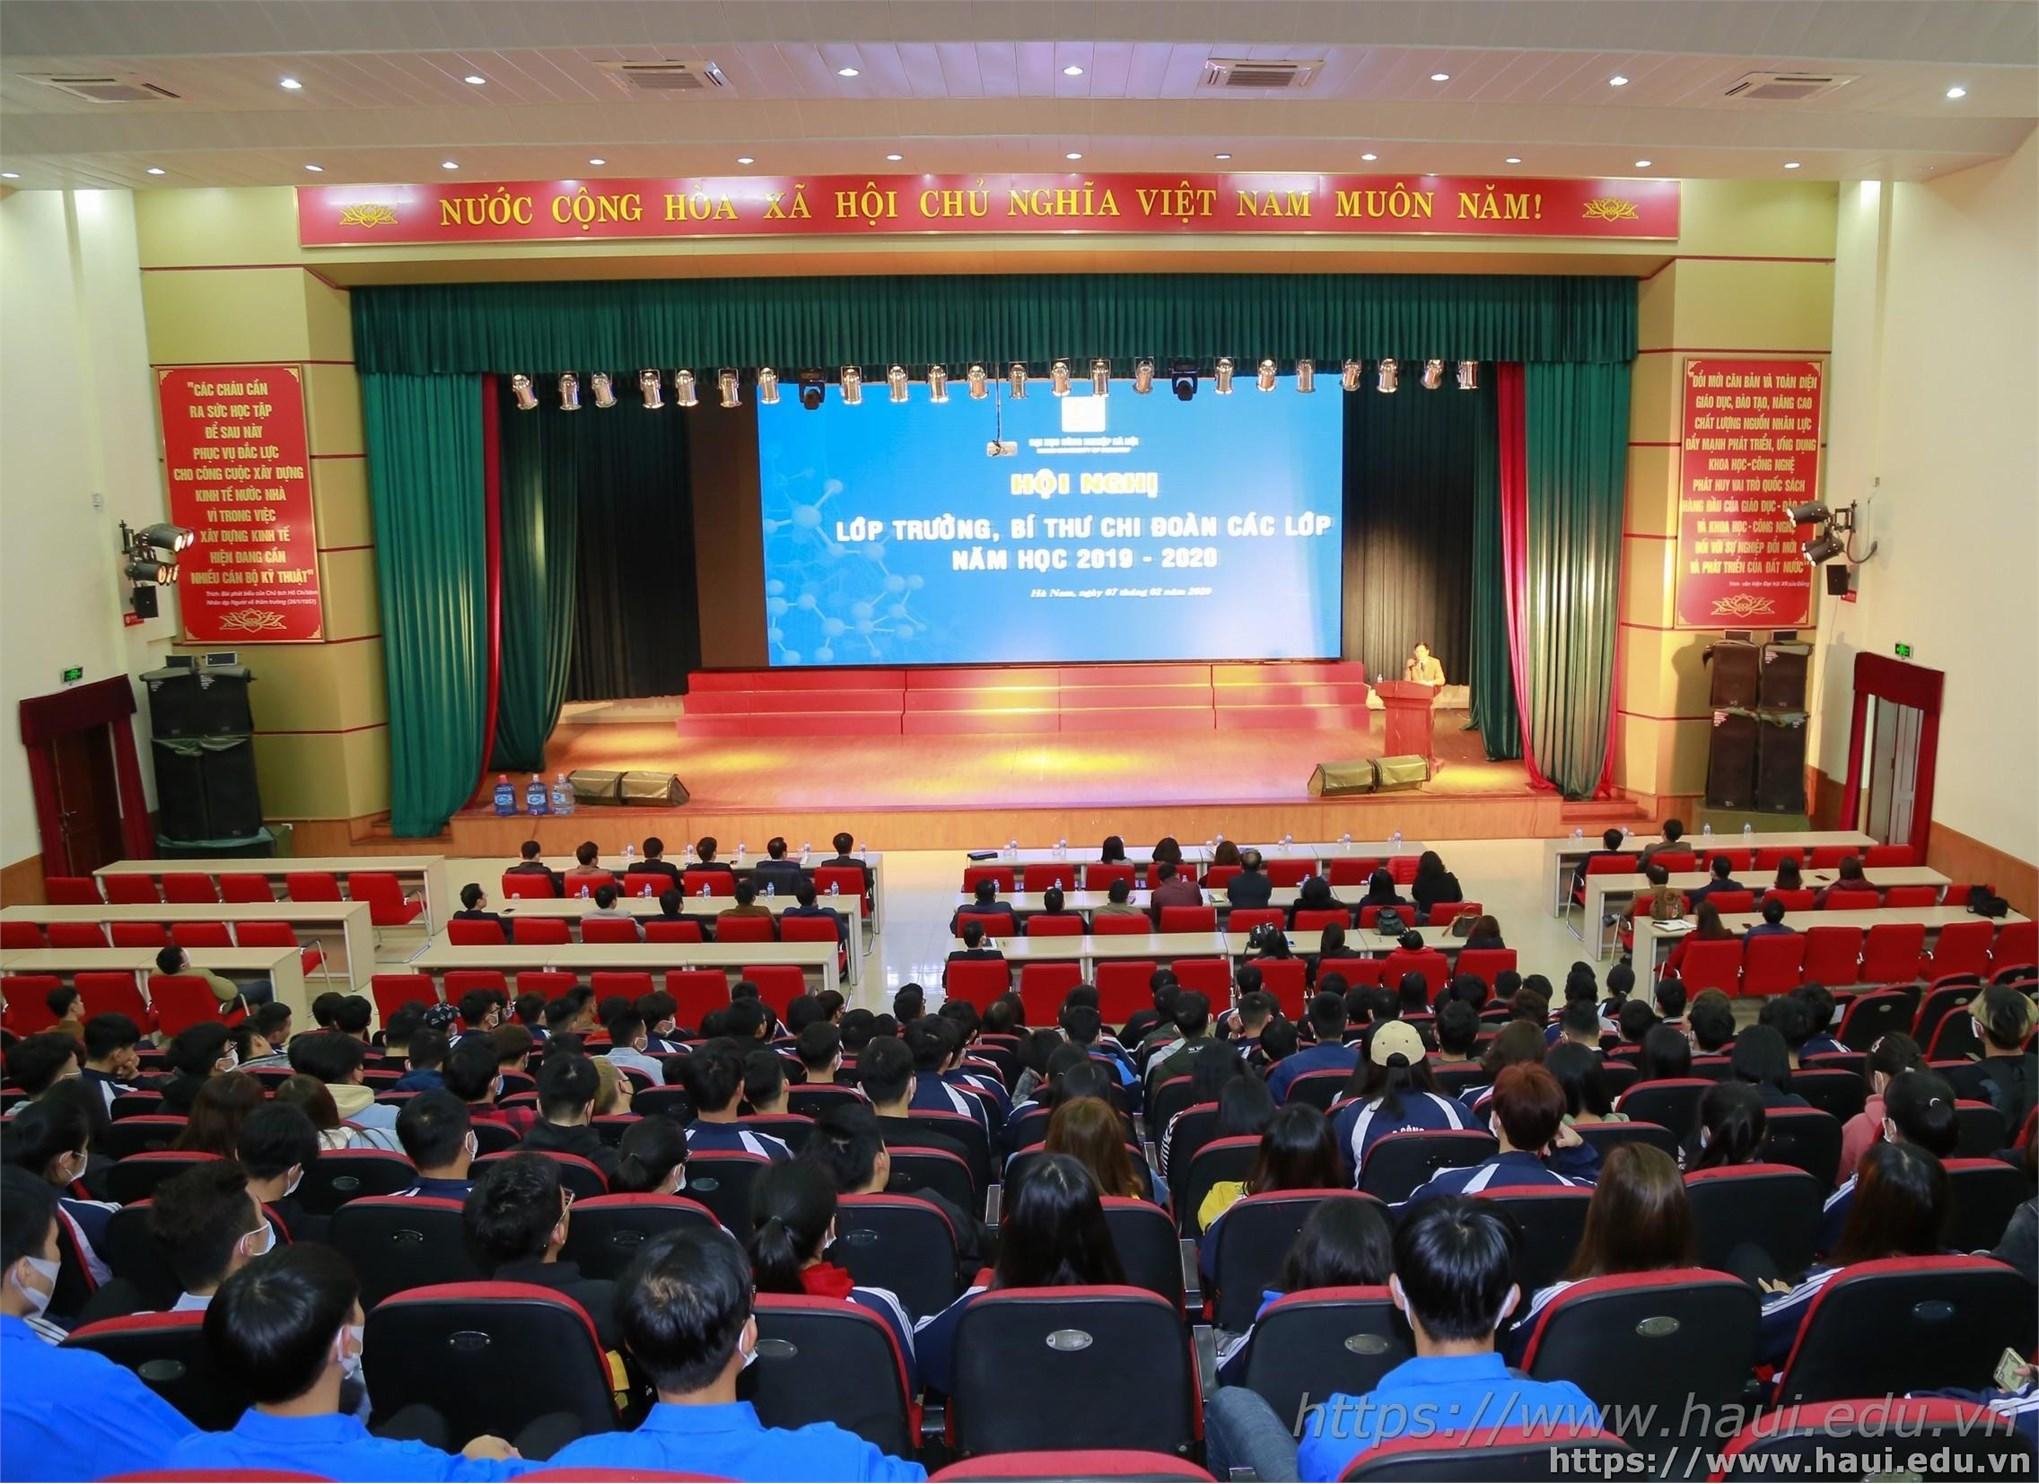 Hội nghị lớp trưởng, bí thư chi đoàn các lớp năm học 2019 – 2020 tại cơ sở Hà Nam